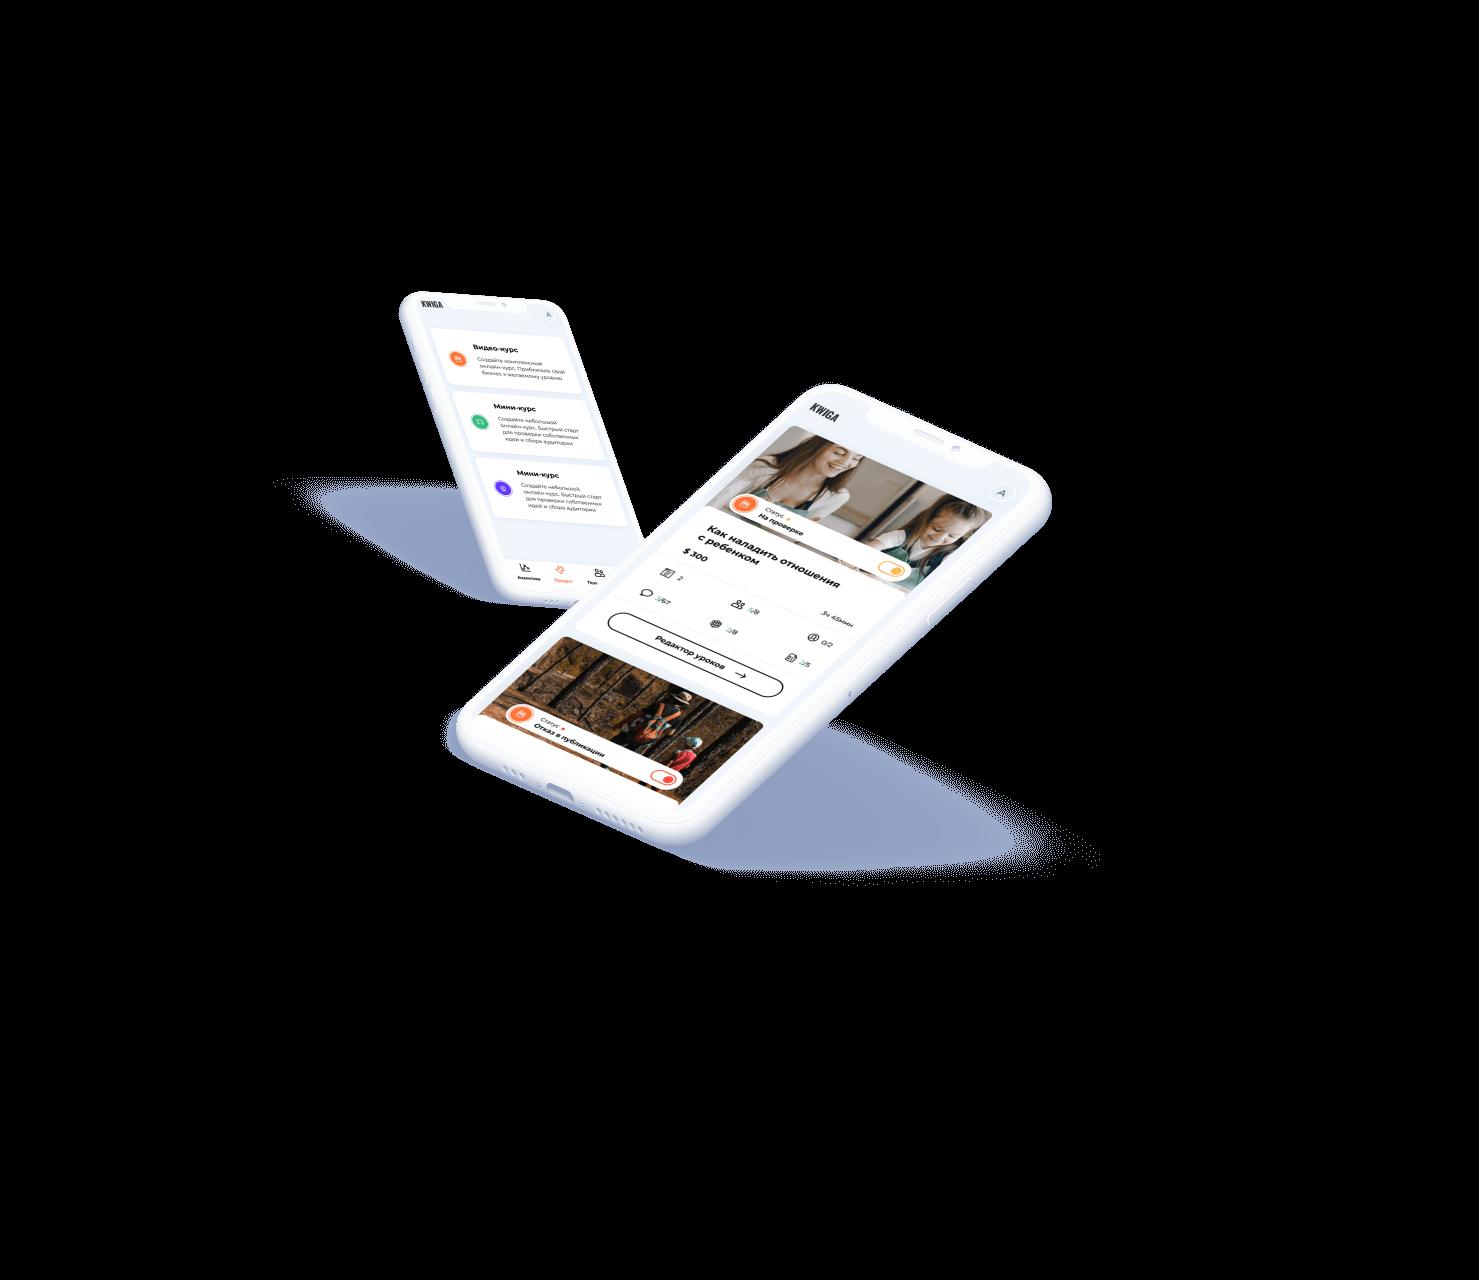 OJOWO mobile application for viewing platform seminars